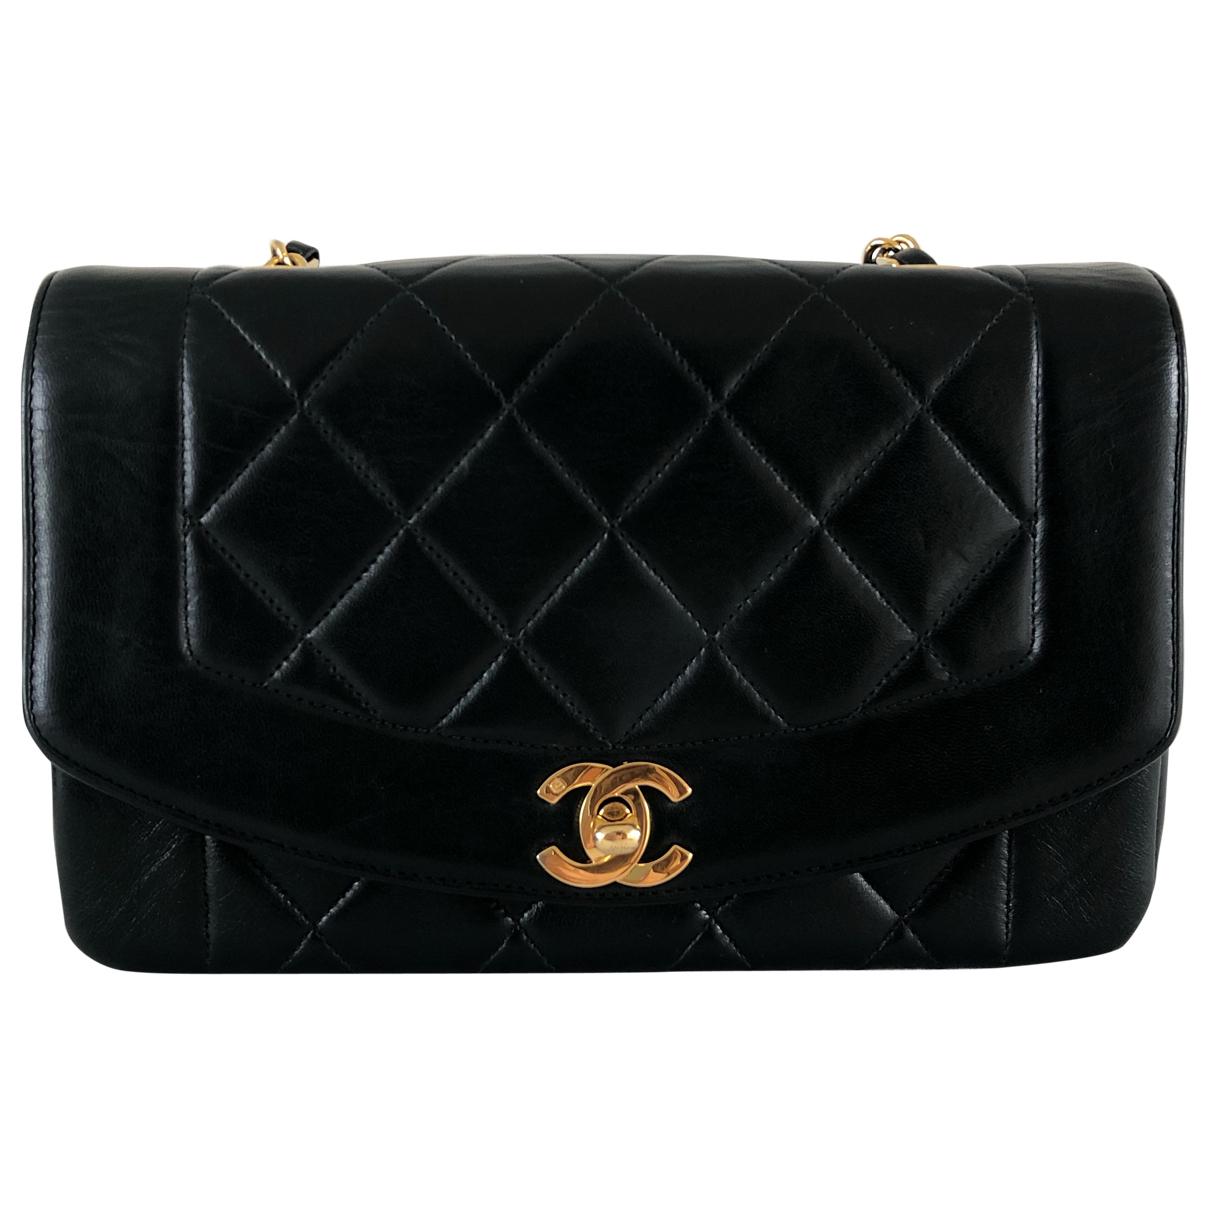 Chanel - Sac a main Diana pour femme en cuir - noir